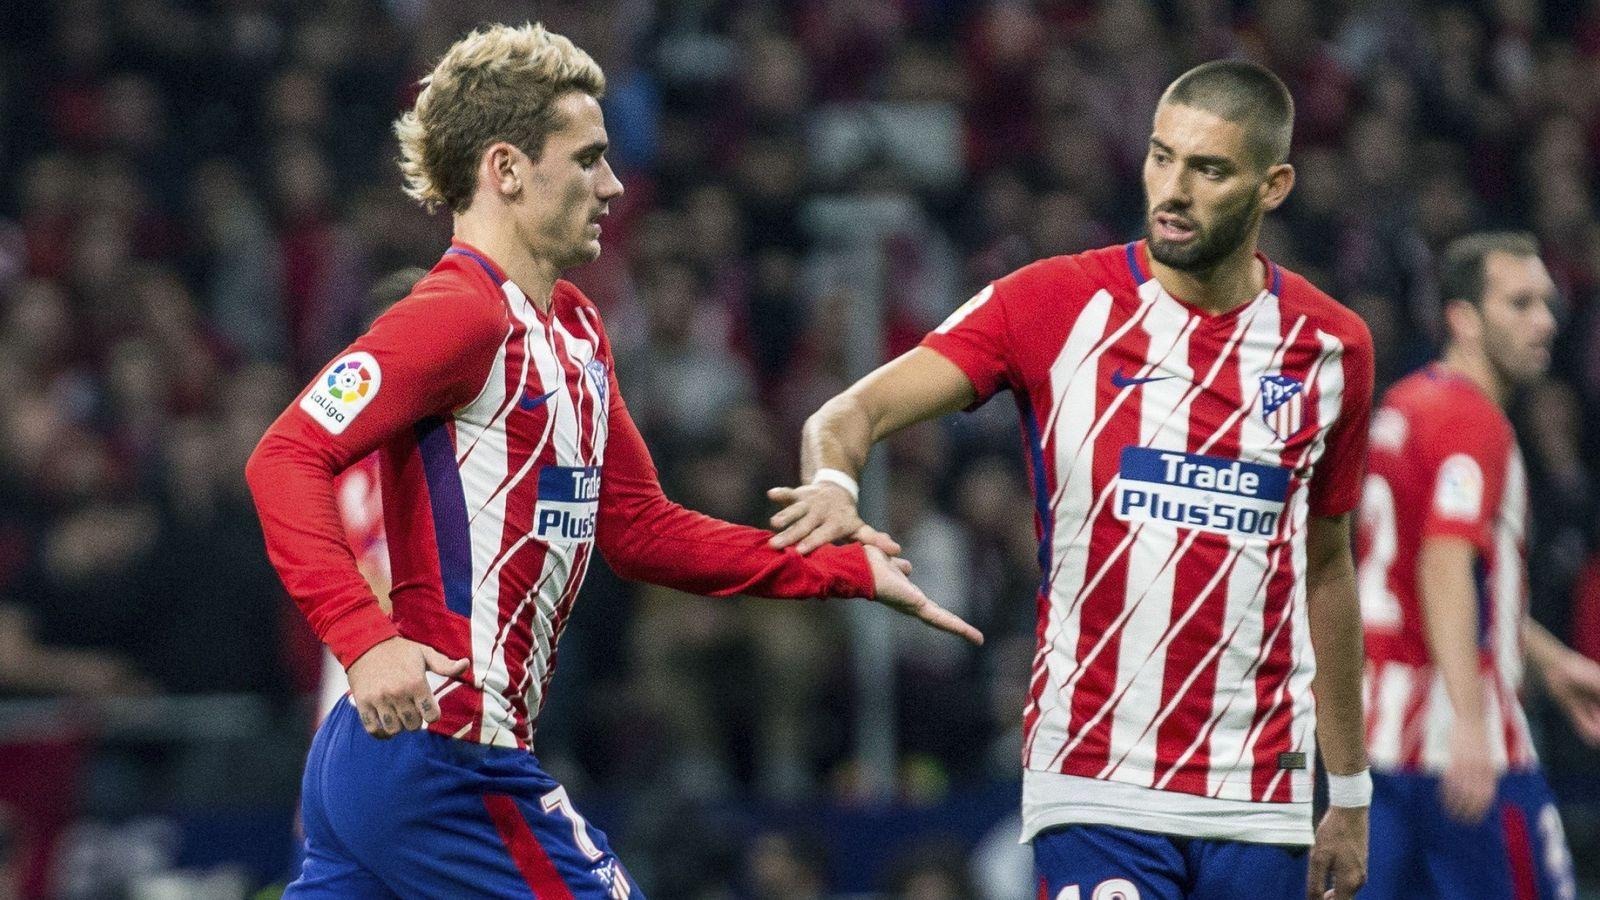 Foto: Carrasco saluda a Griezmann mientras deja el terreno de juego en el derbi. (EFE)